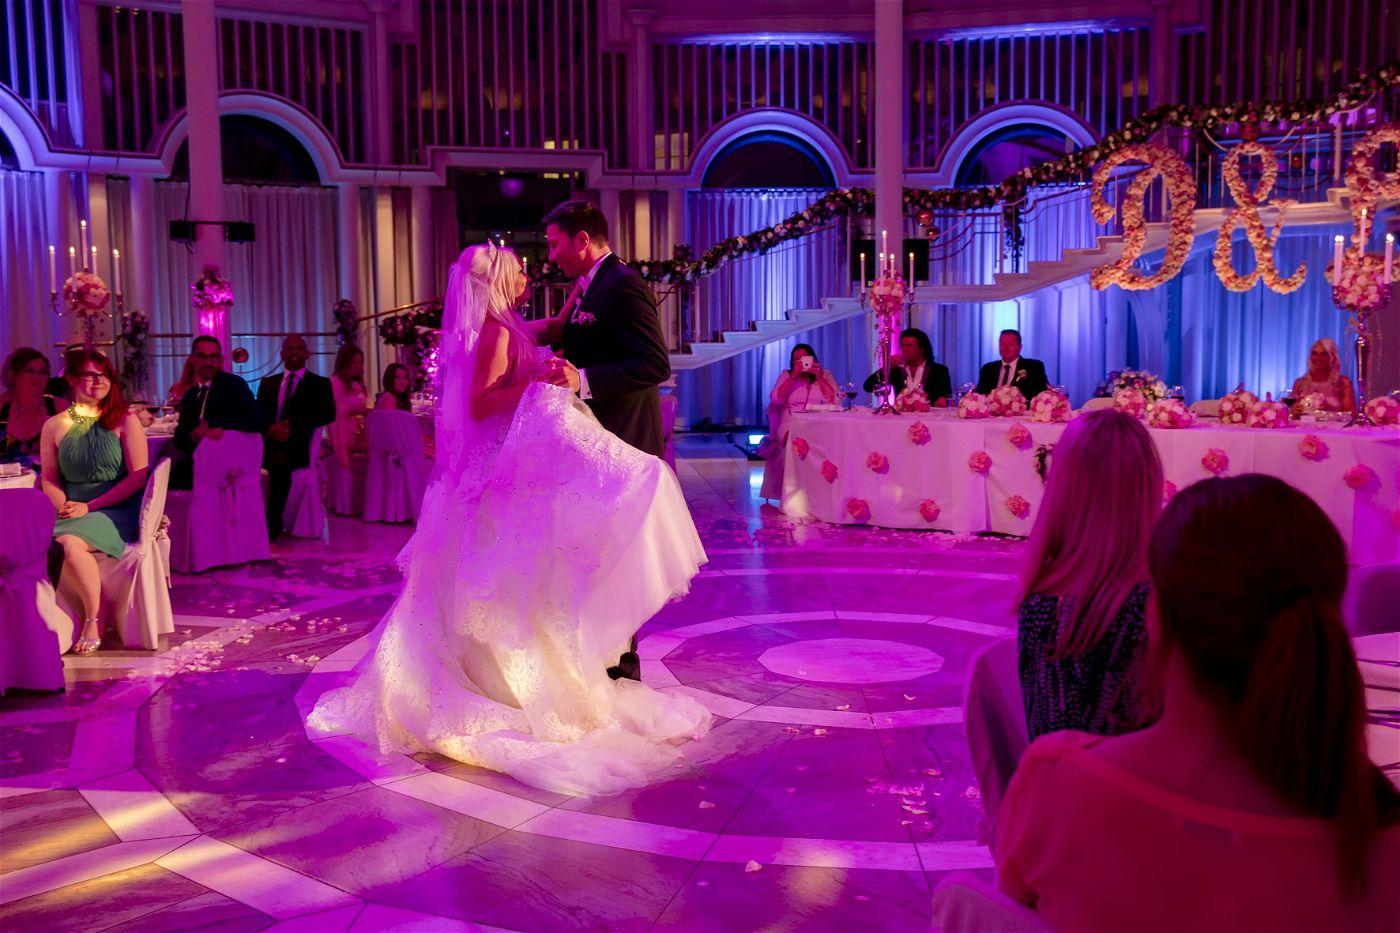 Lucas führte seine Braut sicher über die Tanzfläche.